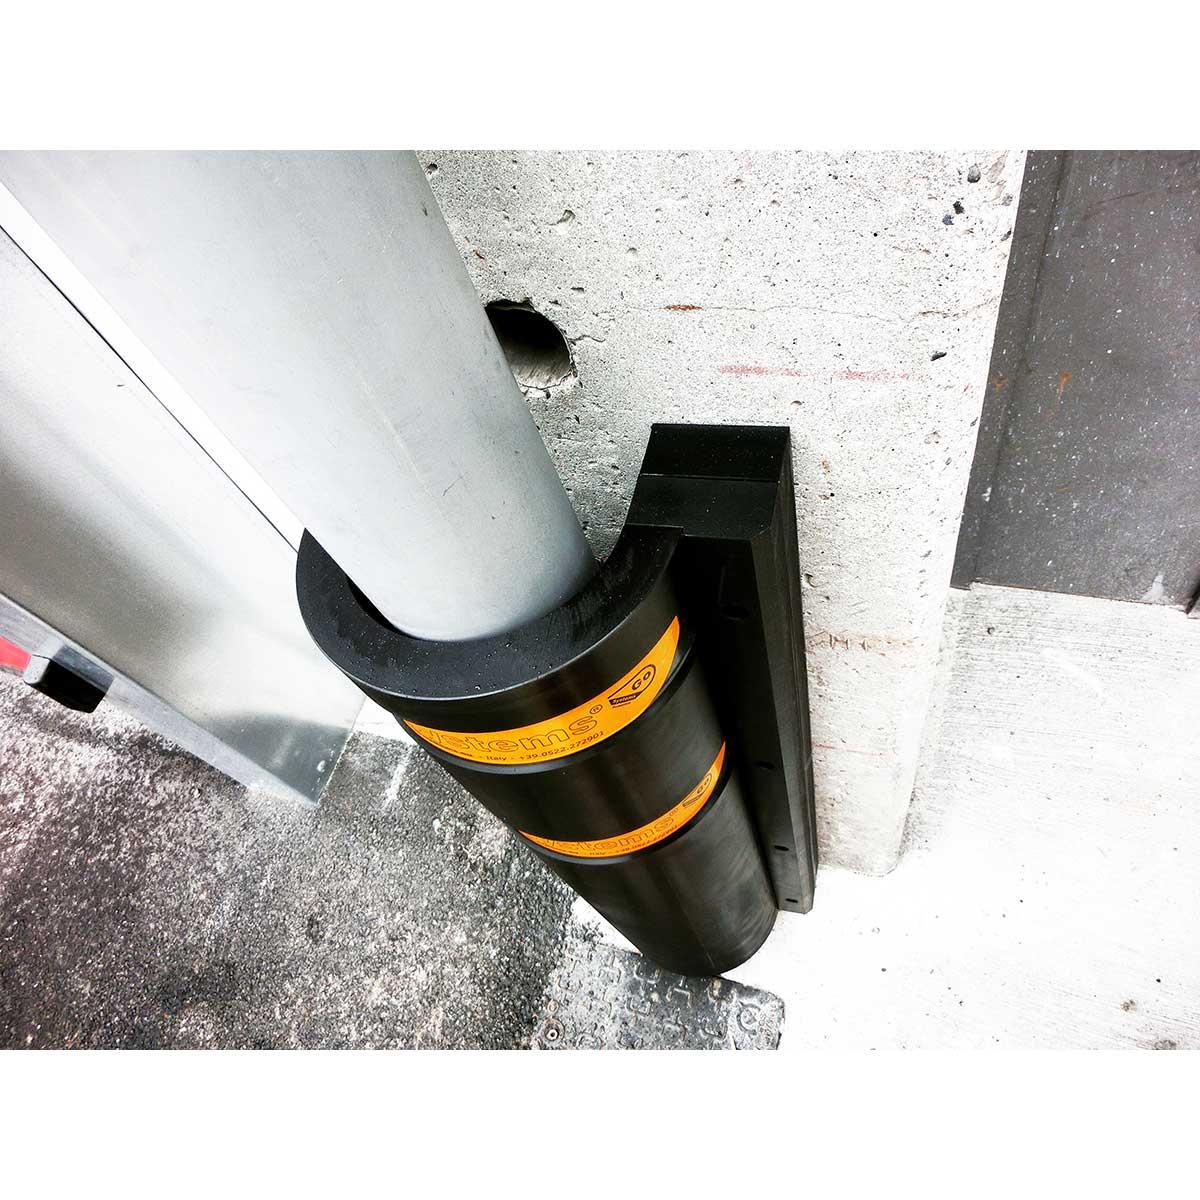 Protección para tuberías de polímero técnico ultra-resistente